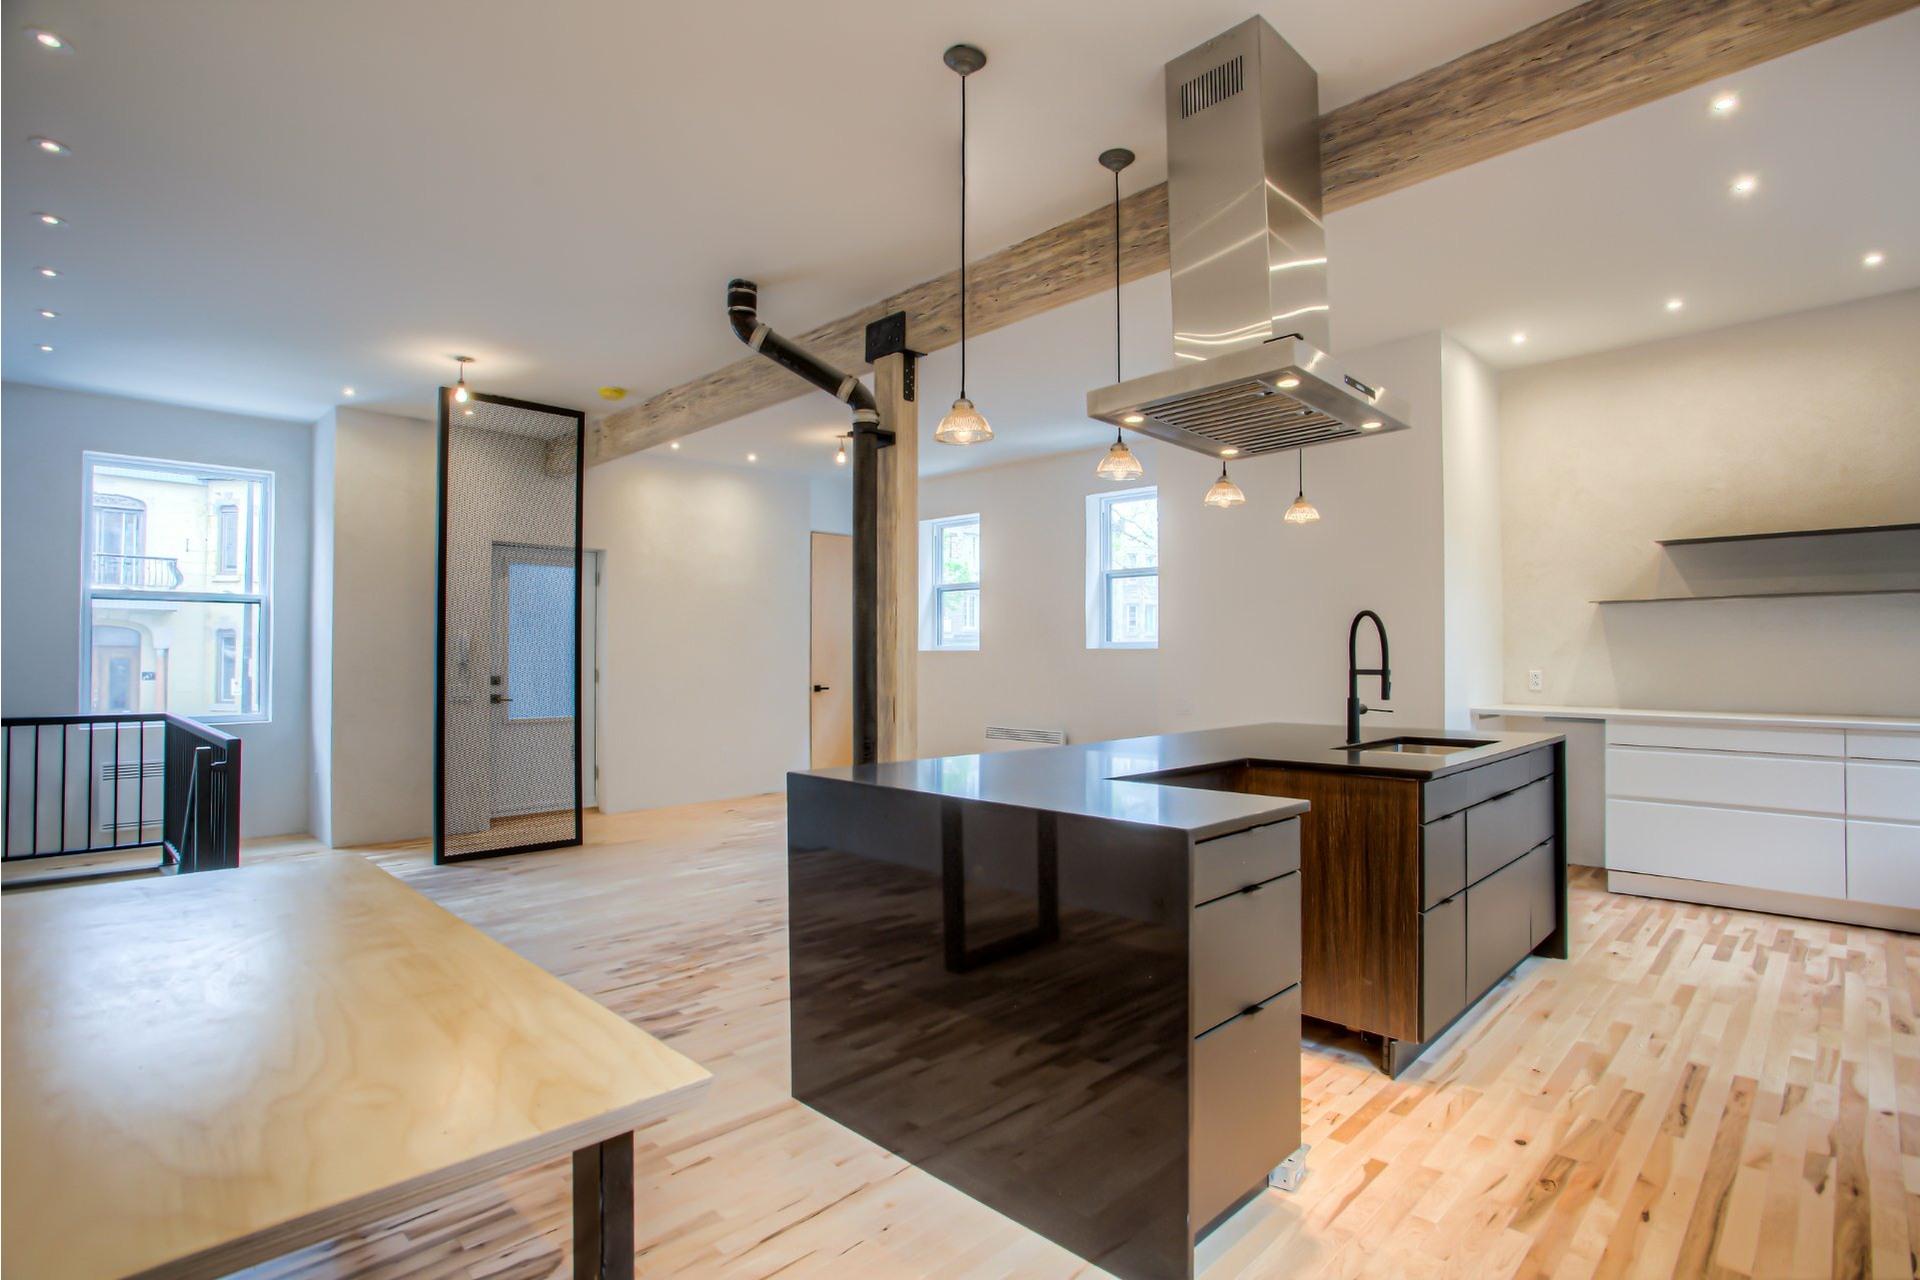 image 5 - Duplex À vendre Mercier/Hochelaga-Maisonneuve Montréal  - 4 pièces